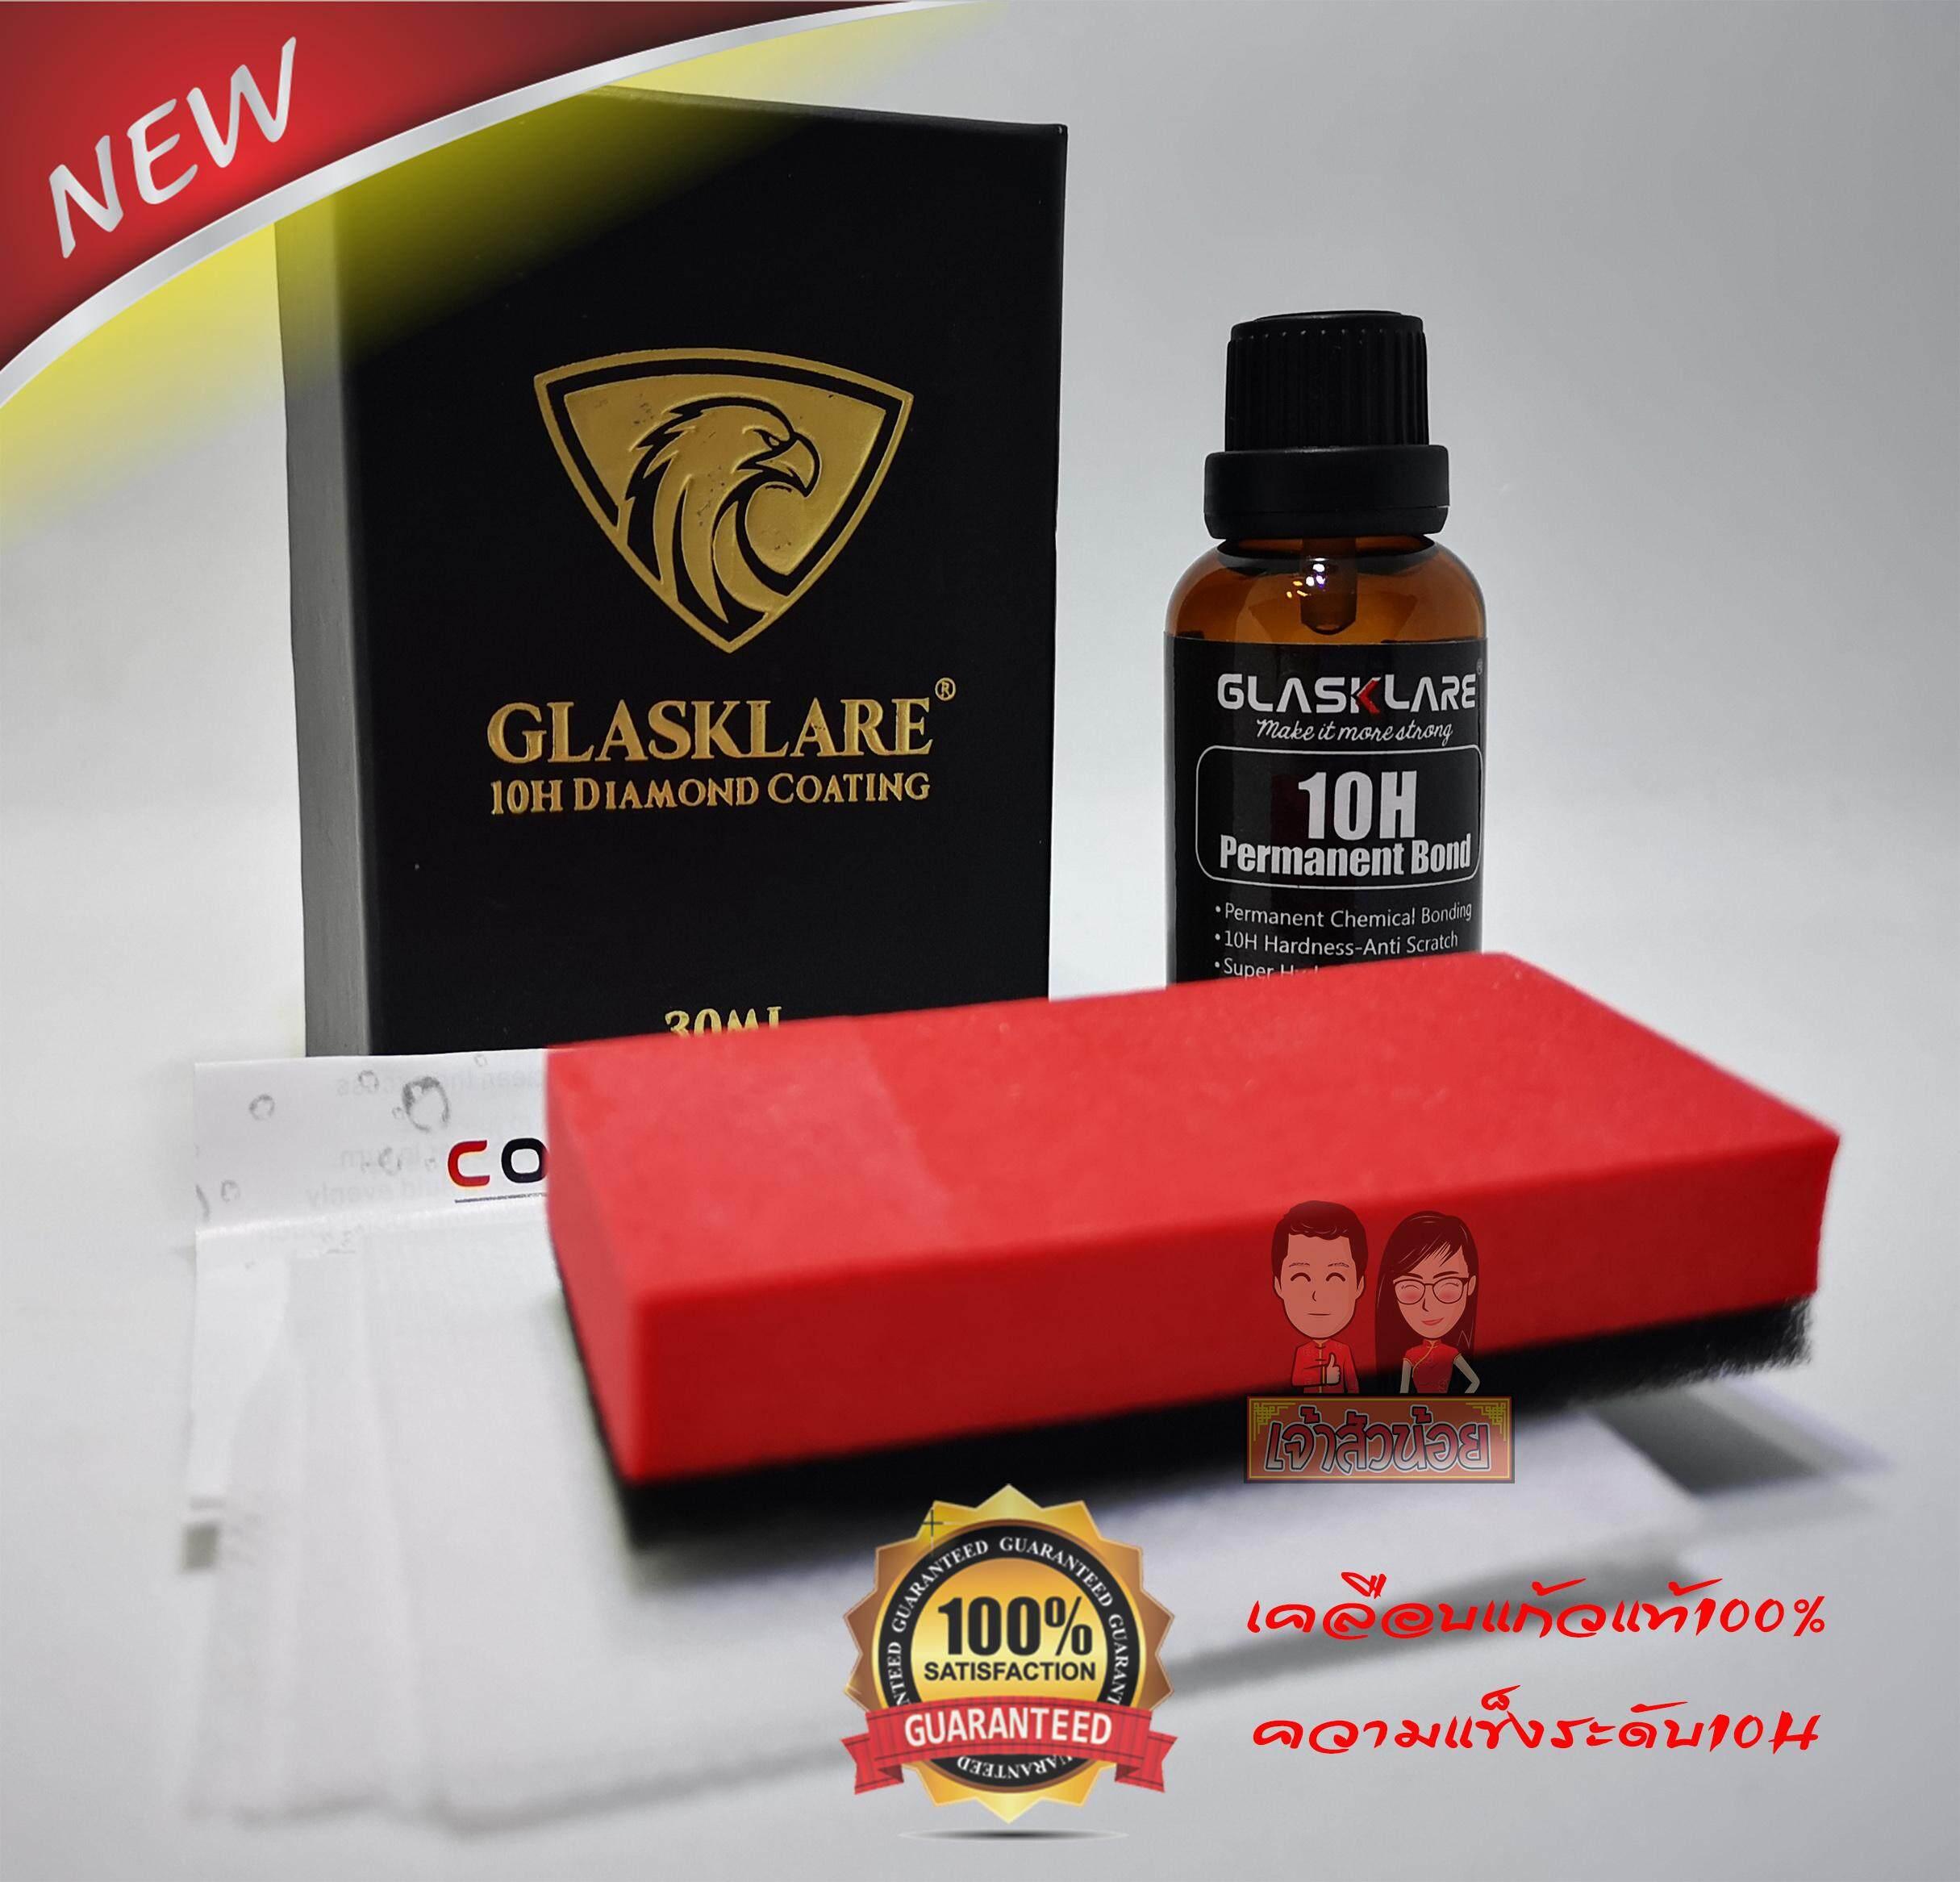 น้ำยาเคลือบแก้วรถยนต์แท้ ระดับ10h Glasklare (เกรดพรีเมียม).